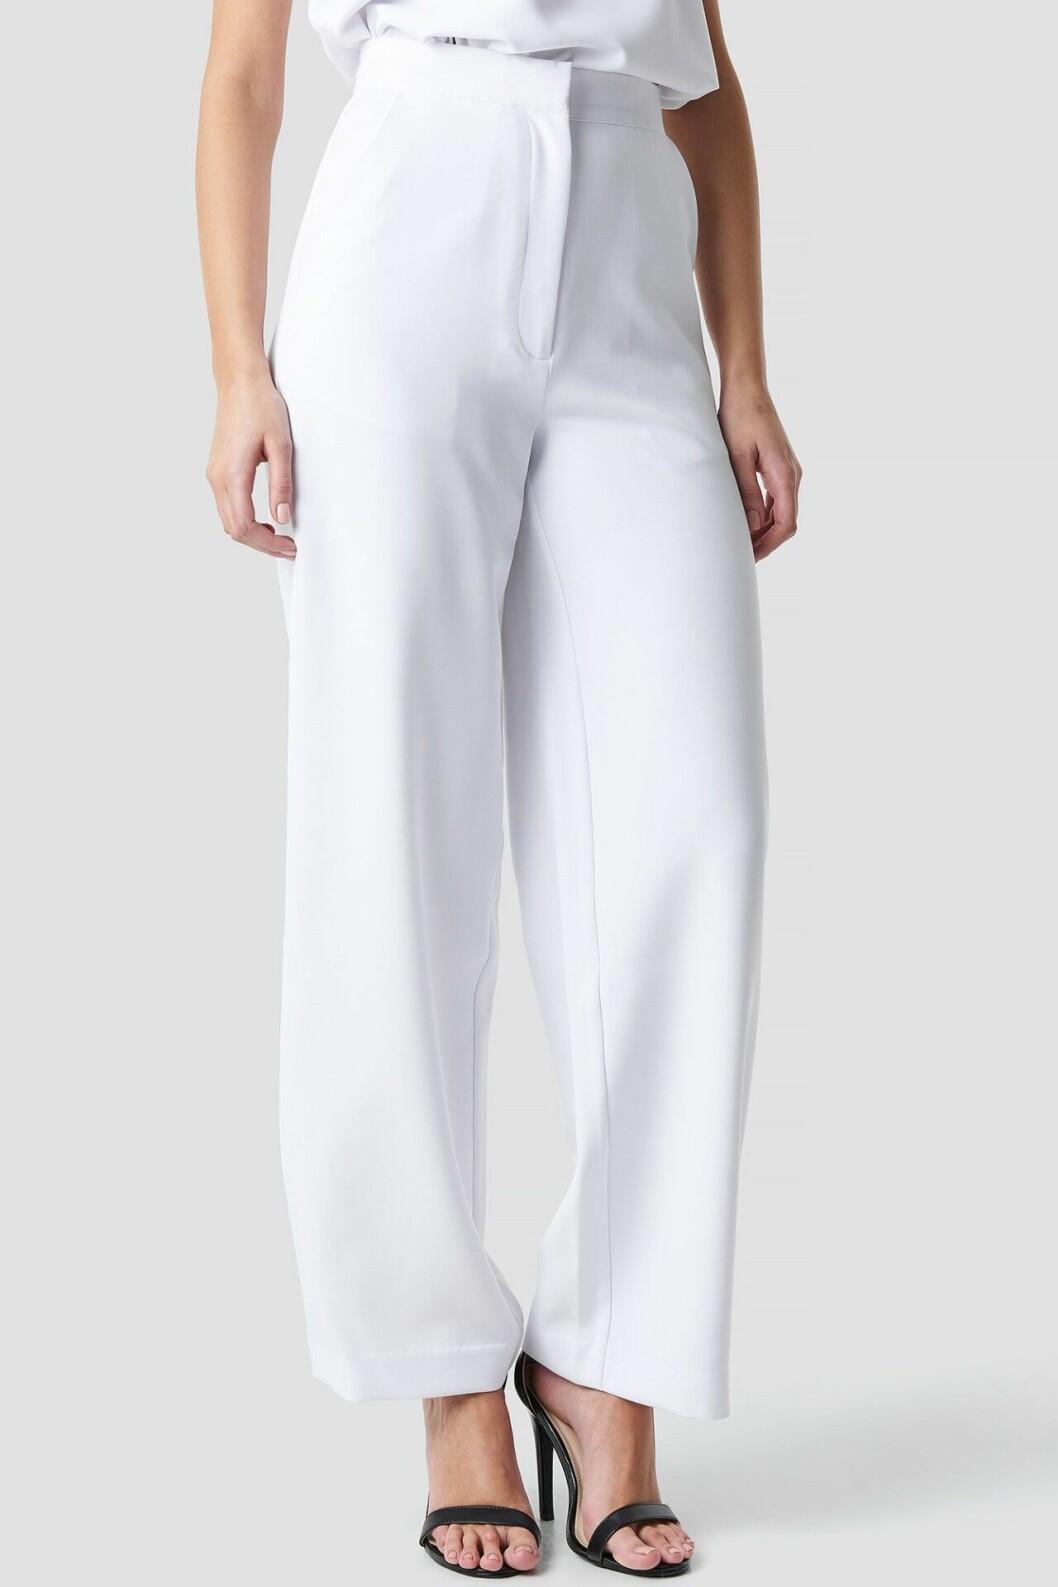 Vita kostymbyxor till sommarens fester för dam